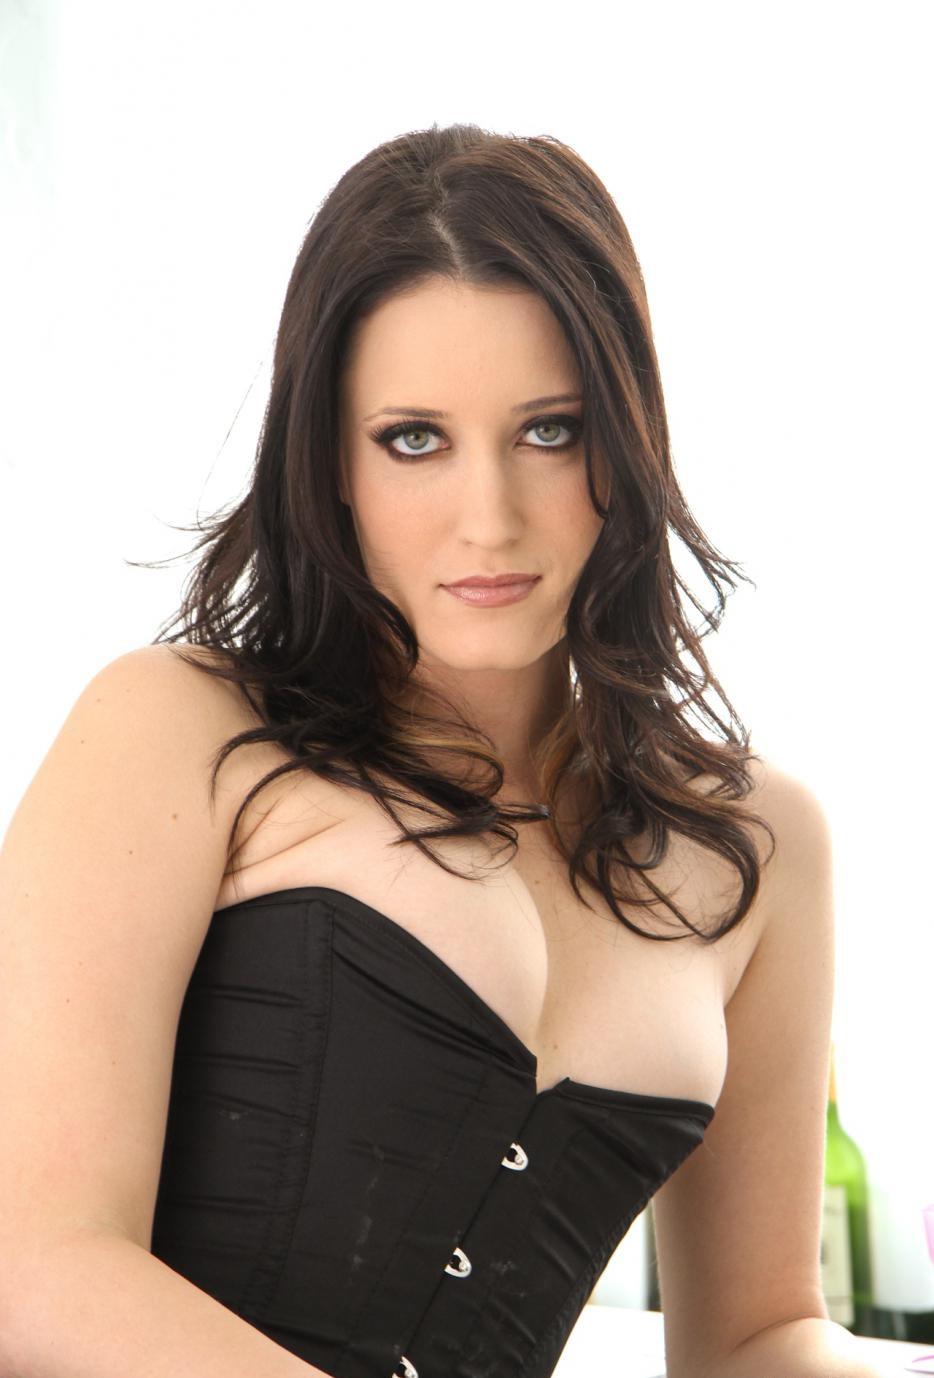 фотографии зарубежных порнозвезд кимберли кейн